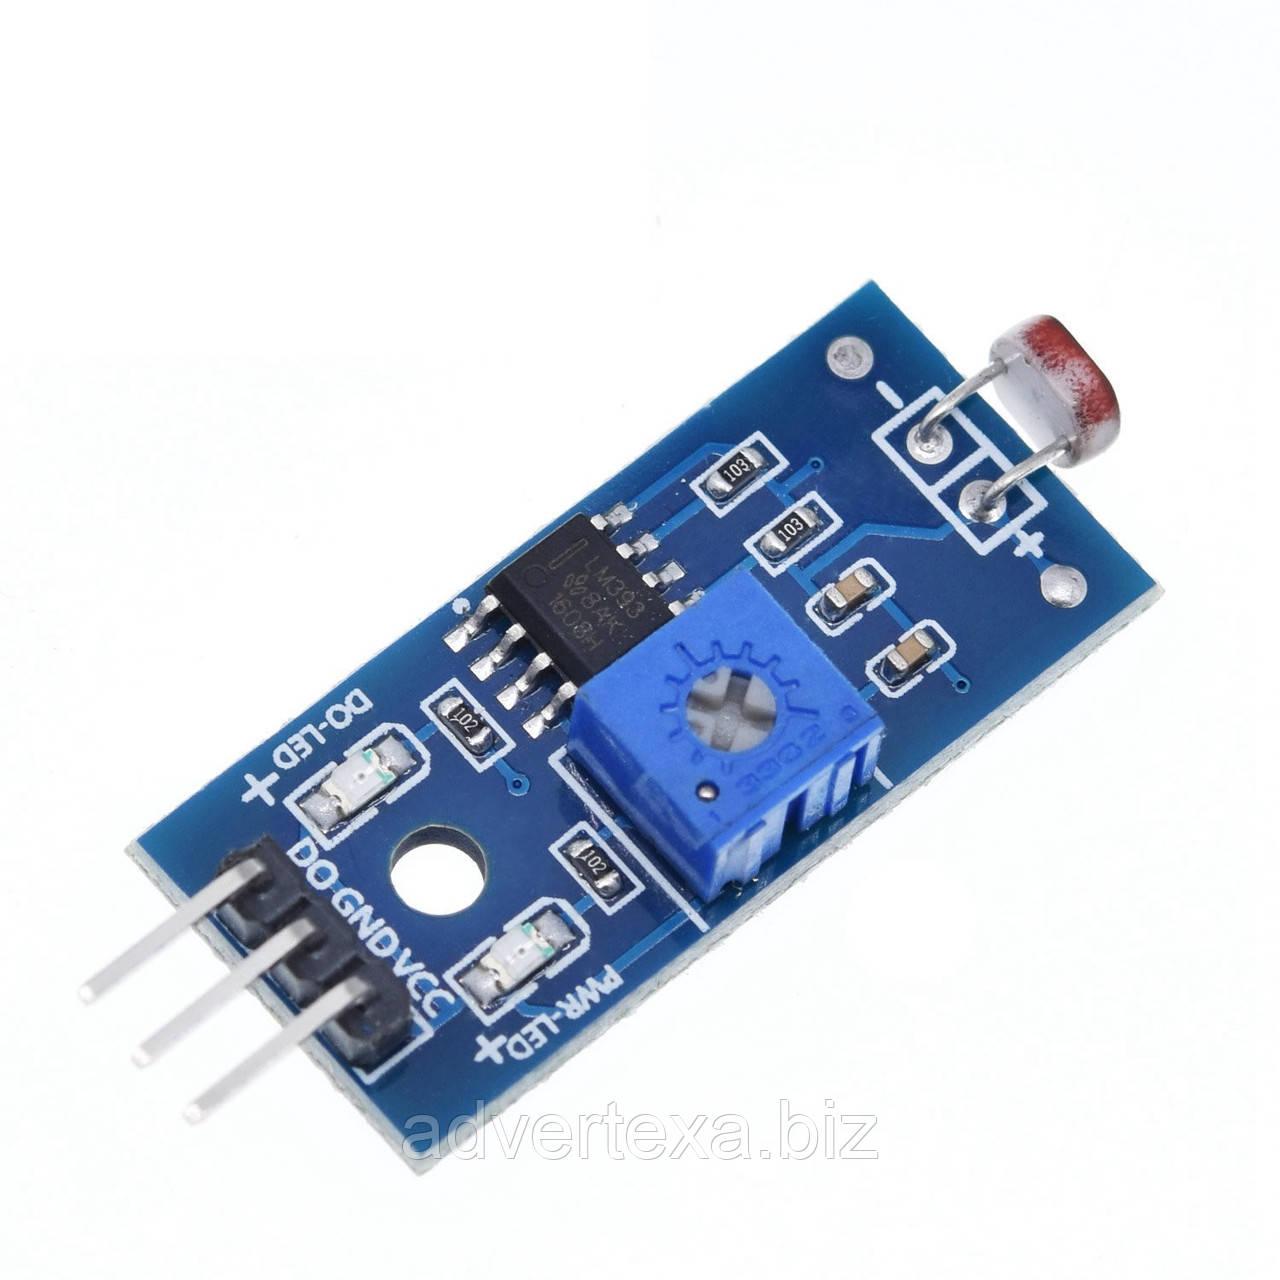 Датчик света на фоторезисторе GL5528, 3 pin, модуль обнаружения света для Arduino и др. контроллеров